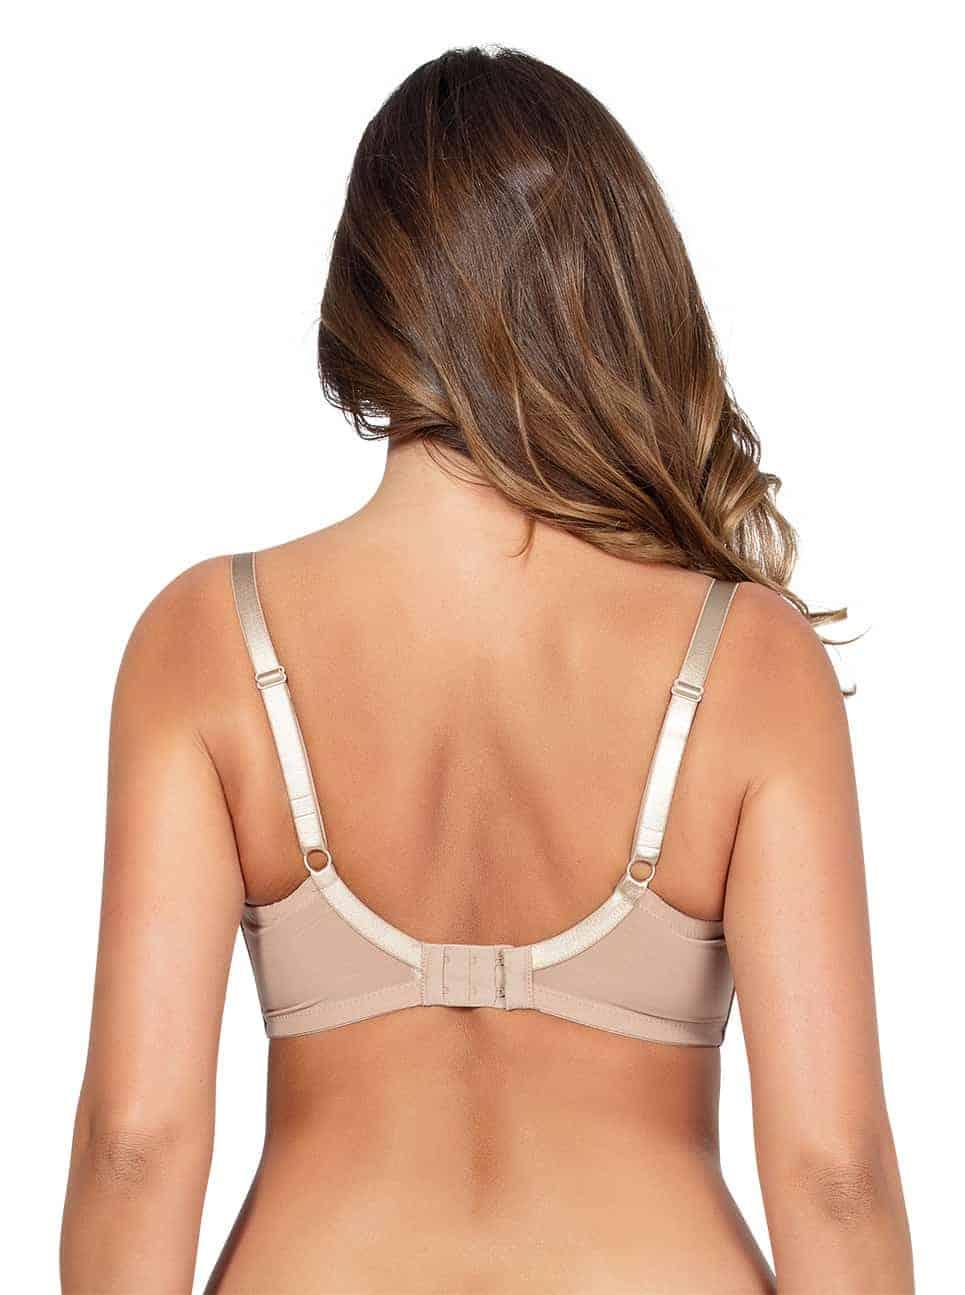 Emma PlungeMoldedBraP5490 Bare back - Emma Plunge Molded Bra - Bare - P5490